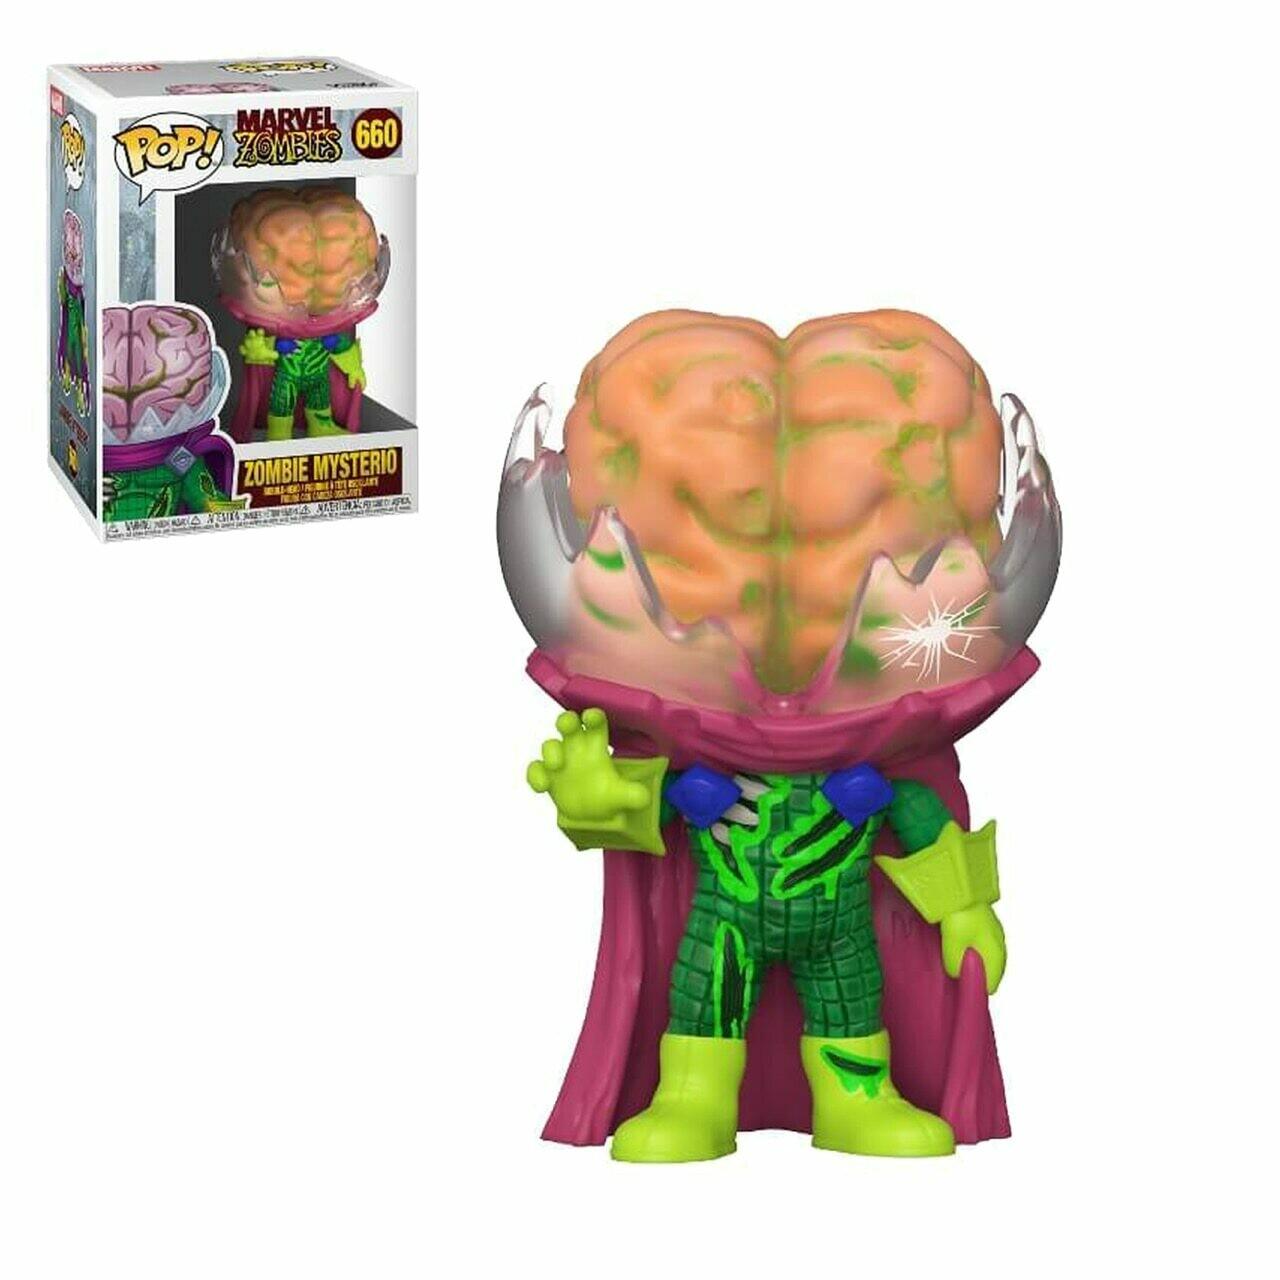 Funko Zombie Mysterio 660